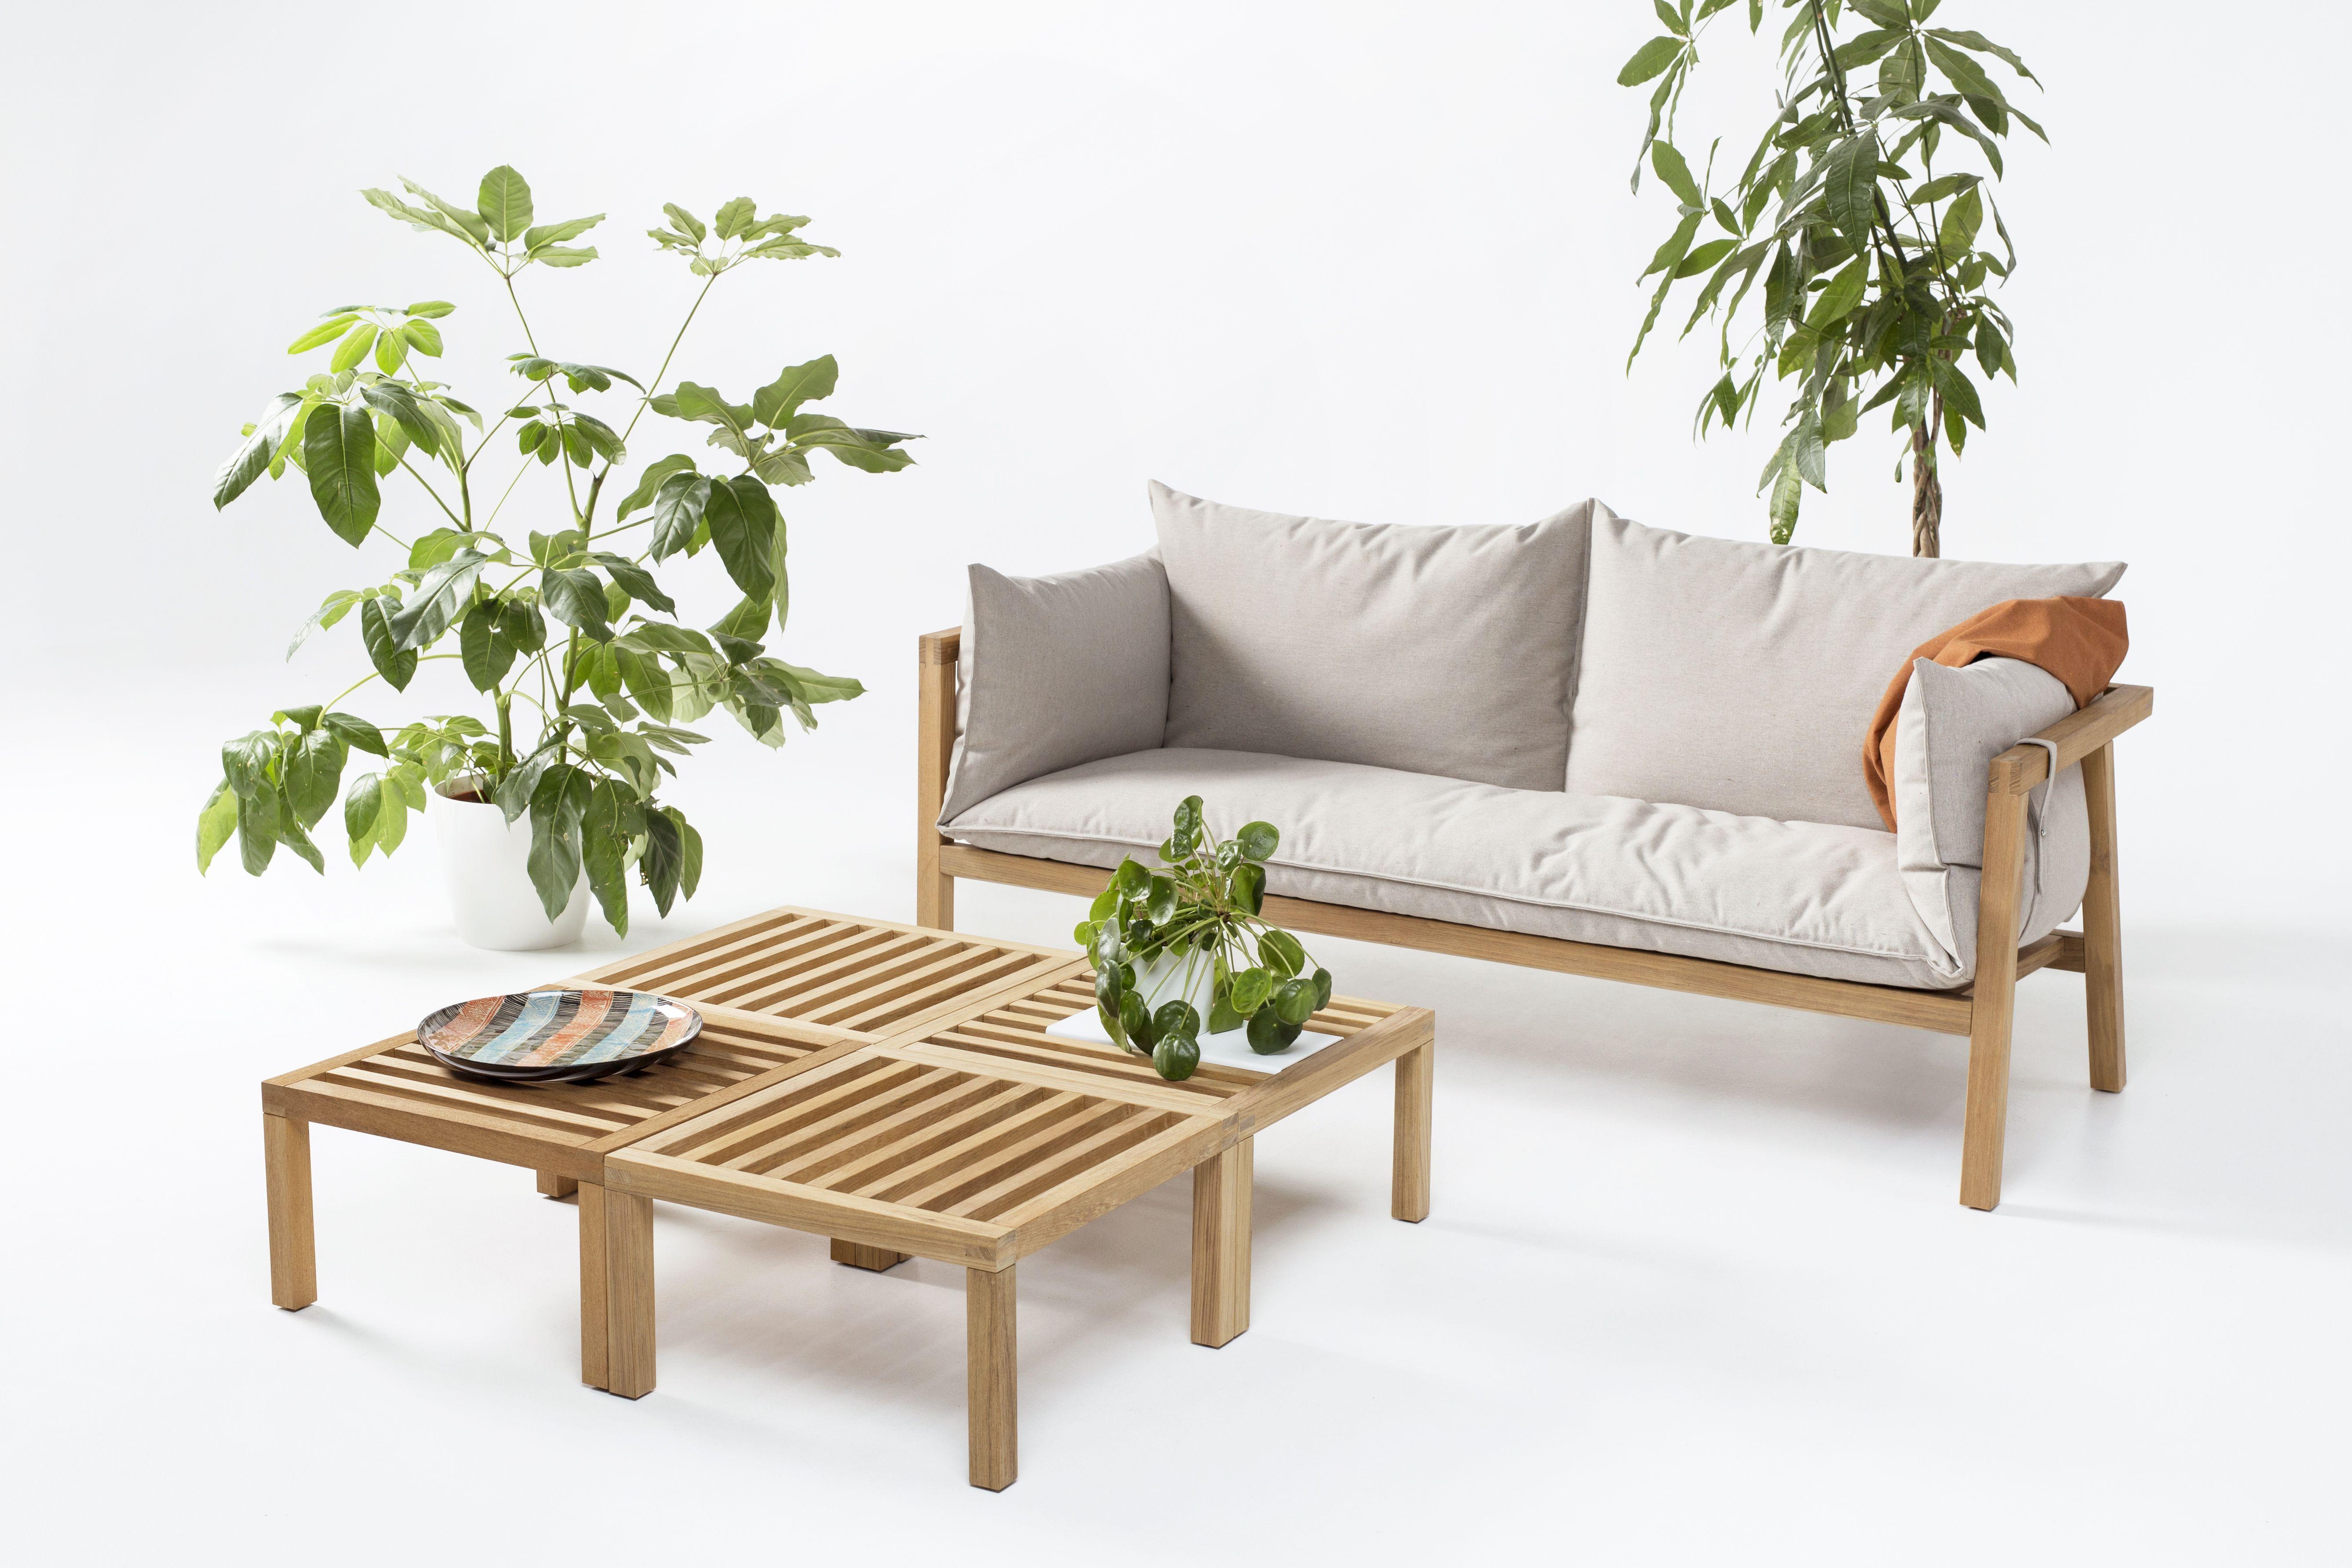 Umomoku Canape Exterieur 180 Cm Design 3hld Prostoria Meubles Sodezign Sodezign Com Furniture Outdoor Furniture Collections Comfortable Outdoor Furniture